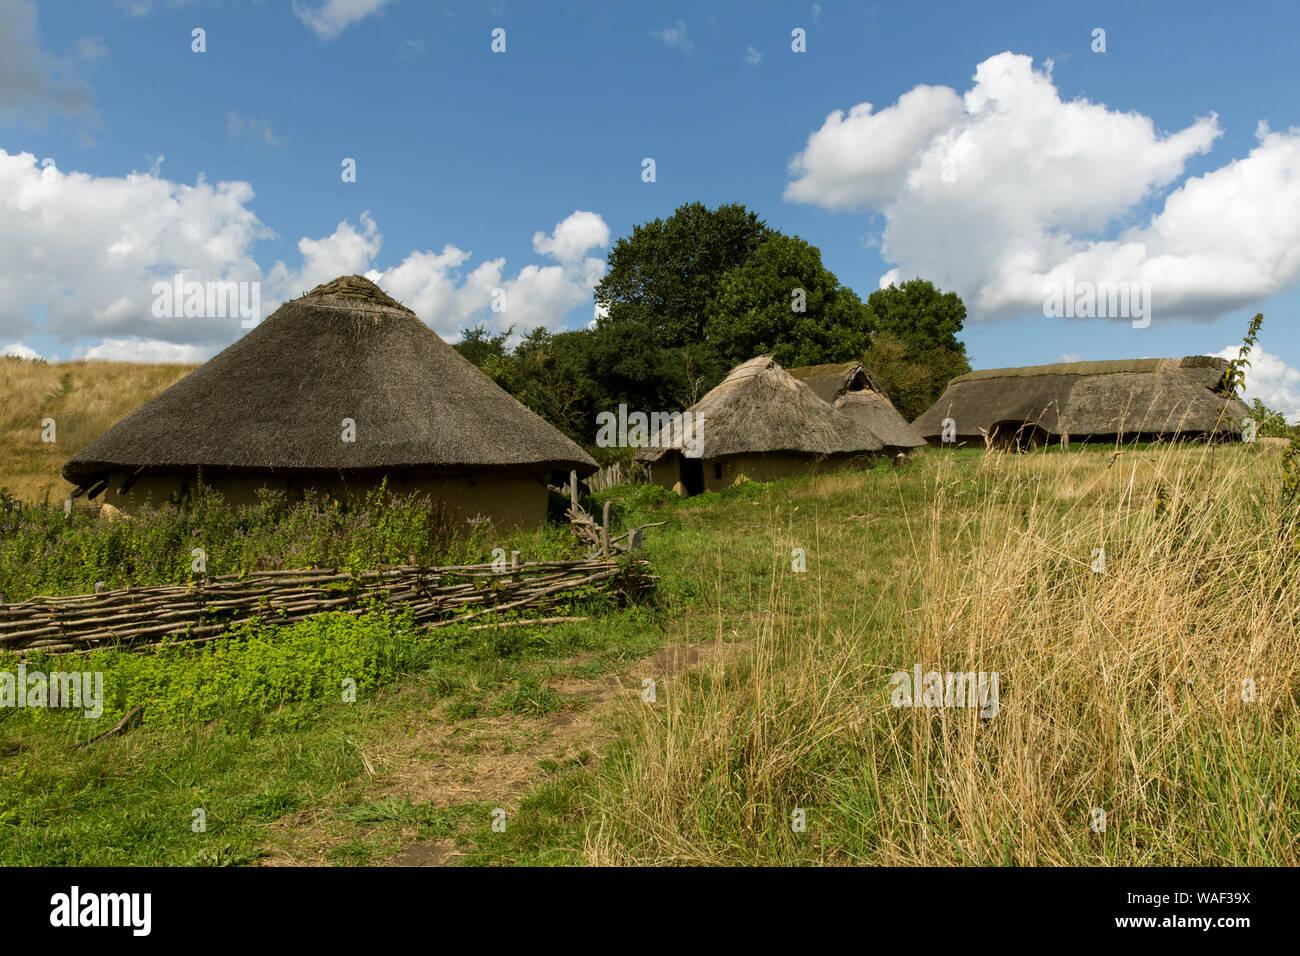 """Un poblado de la Edad del Hierro visto en Lejre museo al aire libre - """"Tierra de leyendas"""" - el 14 de agosto de 2019, en Lejre, Dinamarca. El museo al aire libre ocupa unas 45 hectáreas y es una parte del Museo Nacional de Dinamarca. Aquí los visitantes se reúne voluntarios vestidas en trajes de época como parte del concepto de """"Historia viva"""" como un vikingo, Edad de Hierro aldeano, etc. El museo está ubicado a 13 km al oeste de Roskilde y a 50 Km al oeste de Copenhague. Foto de stock"""